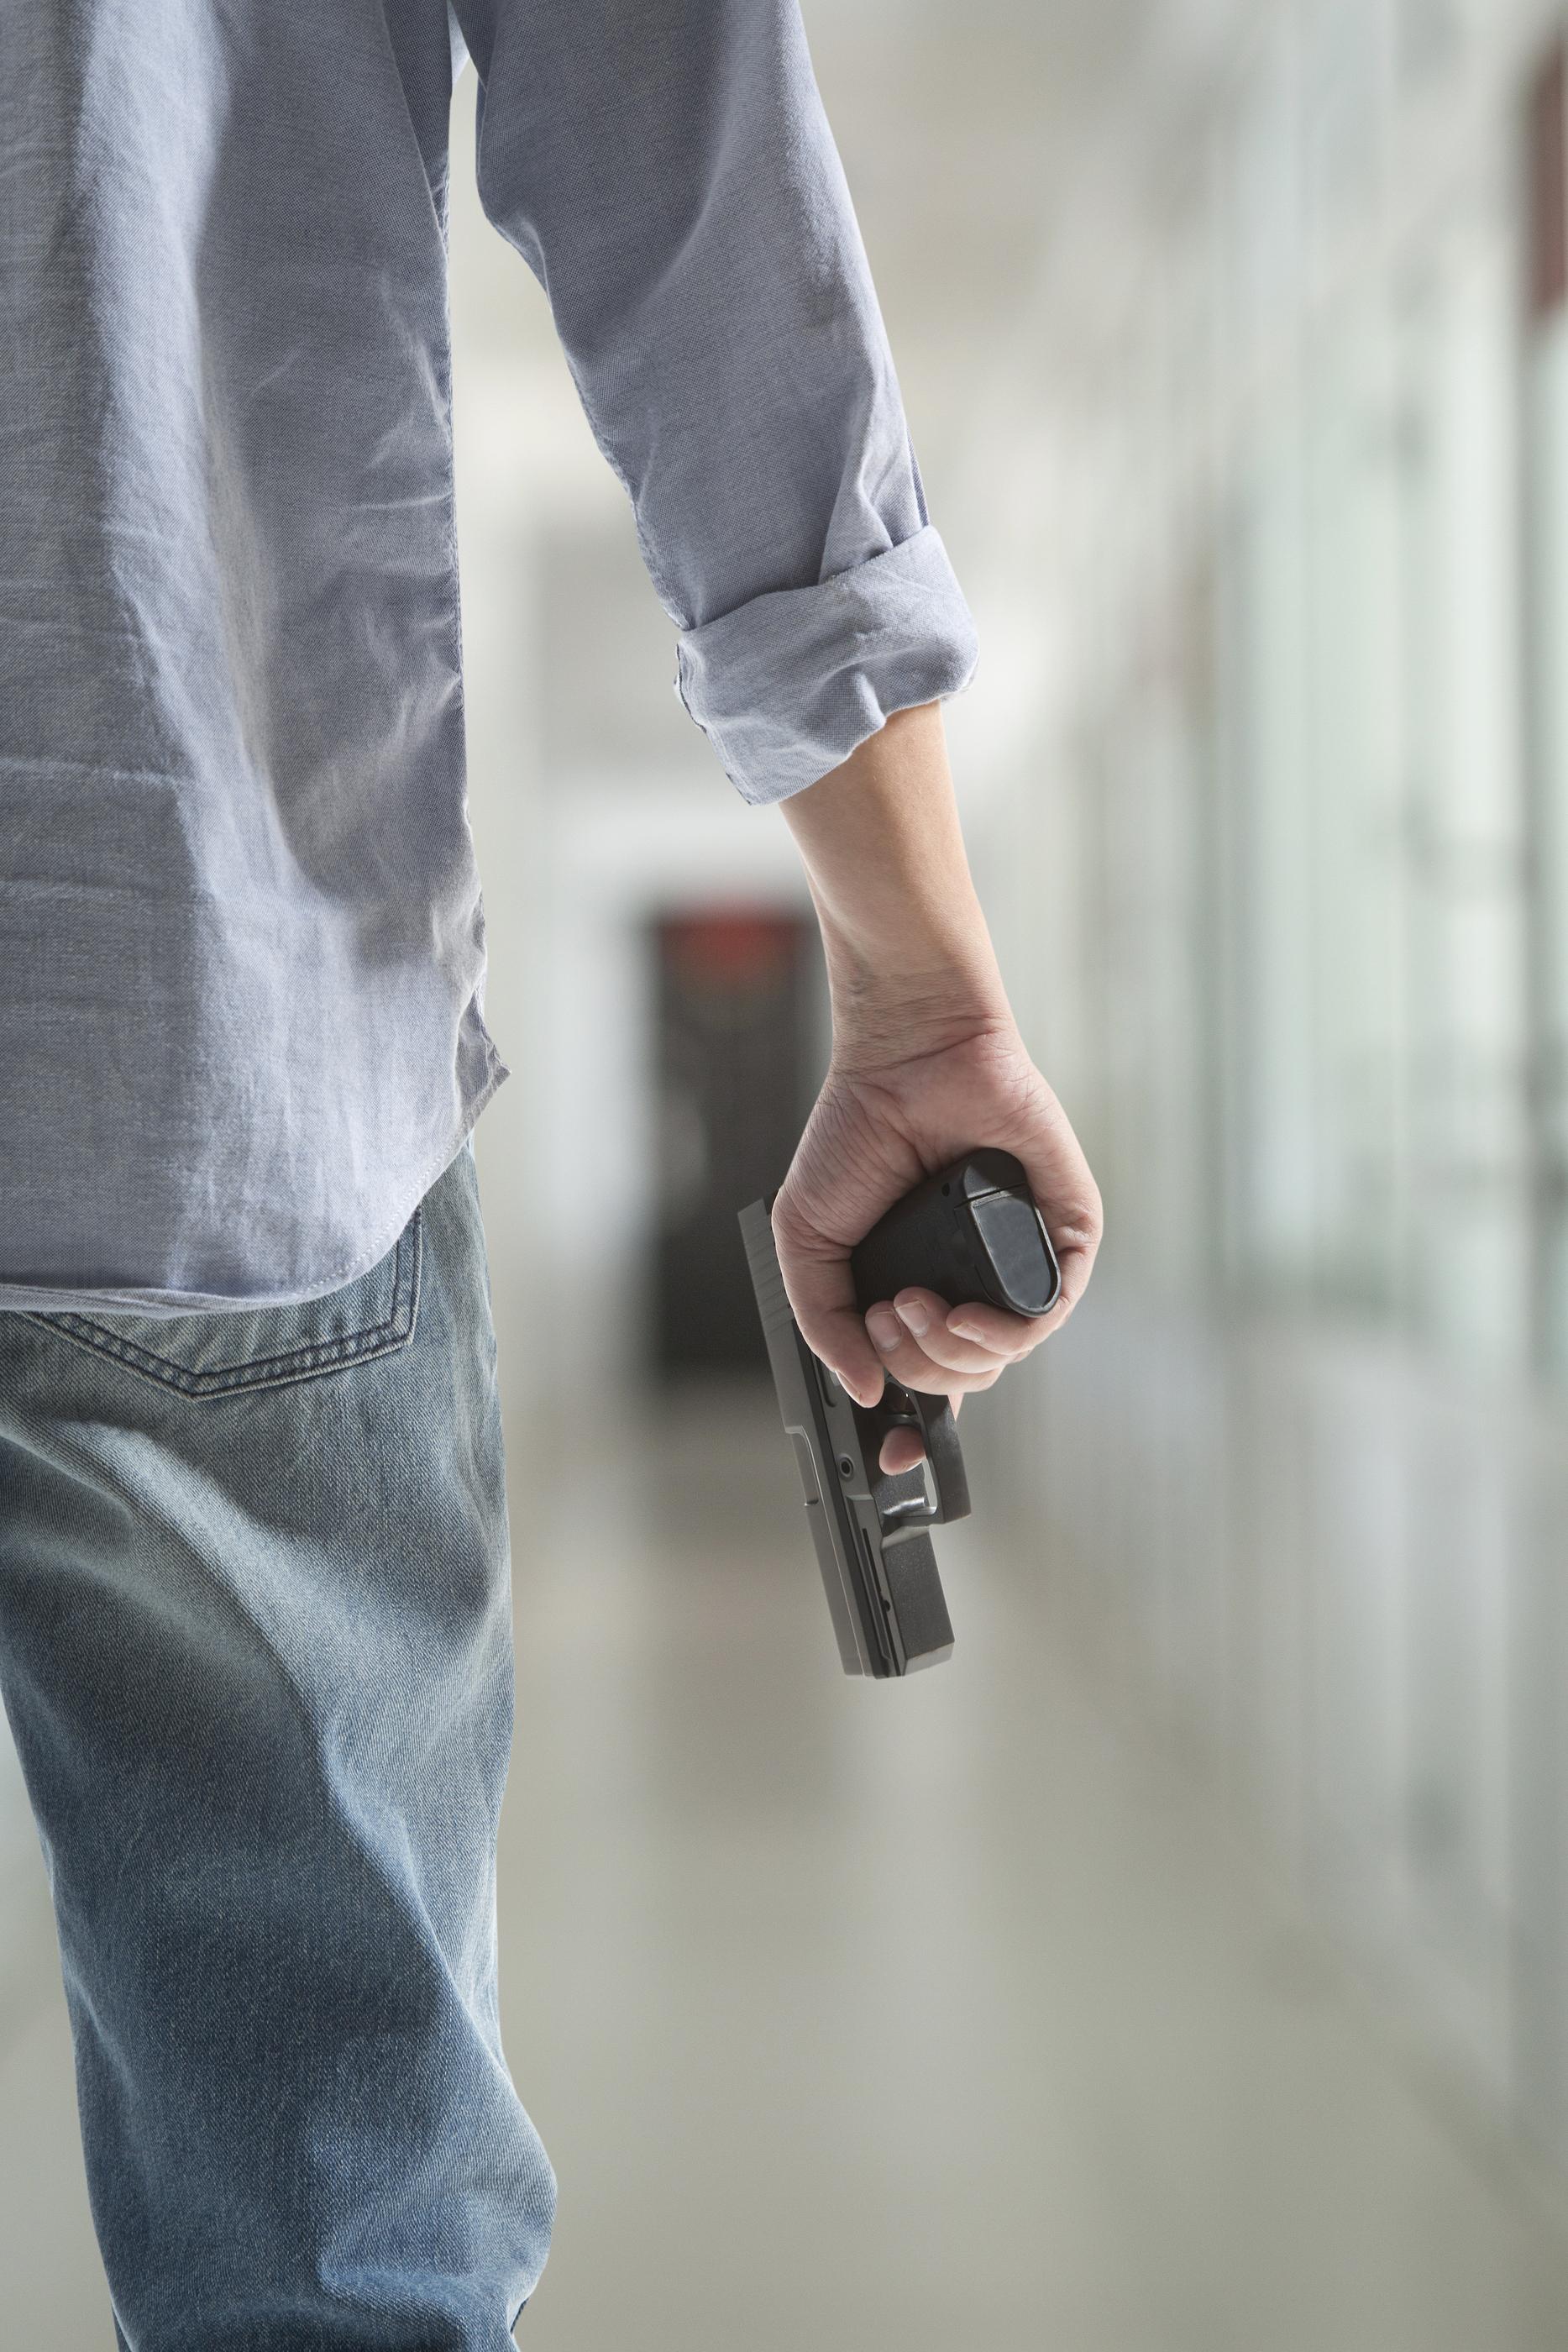 bigstock-People-criminal-concept--kil-151372919.jpg